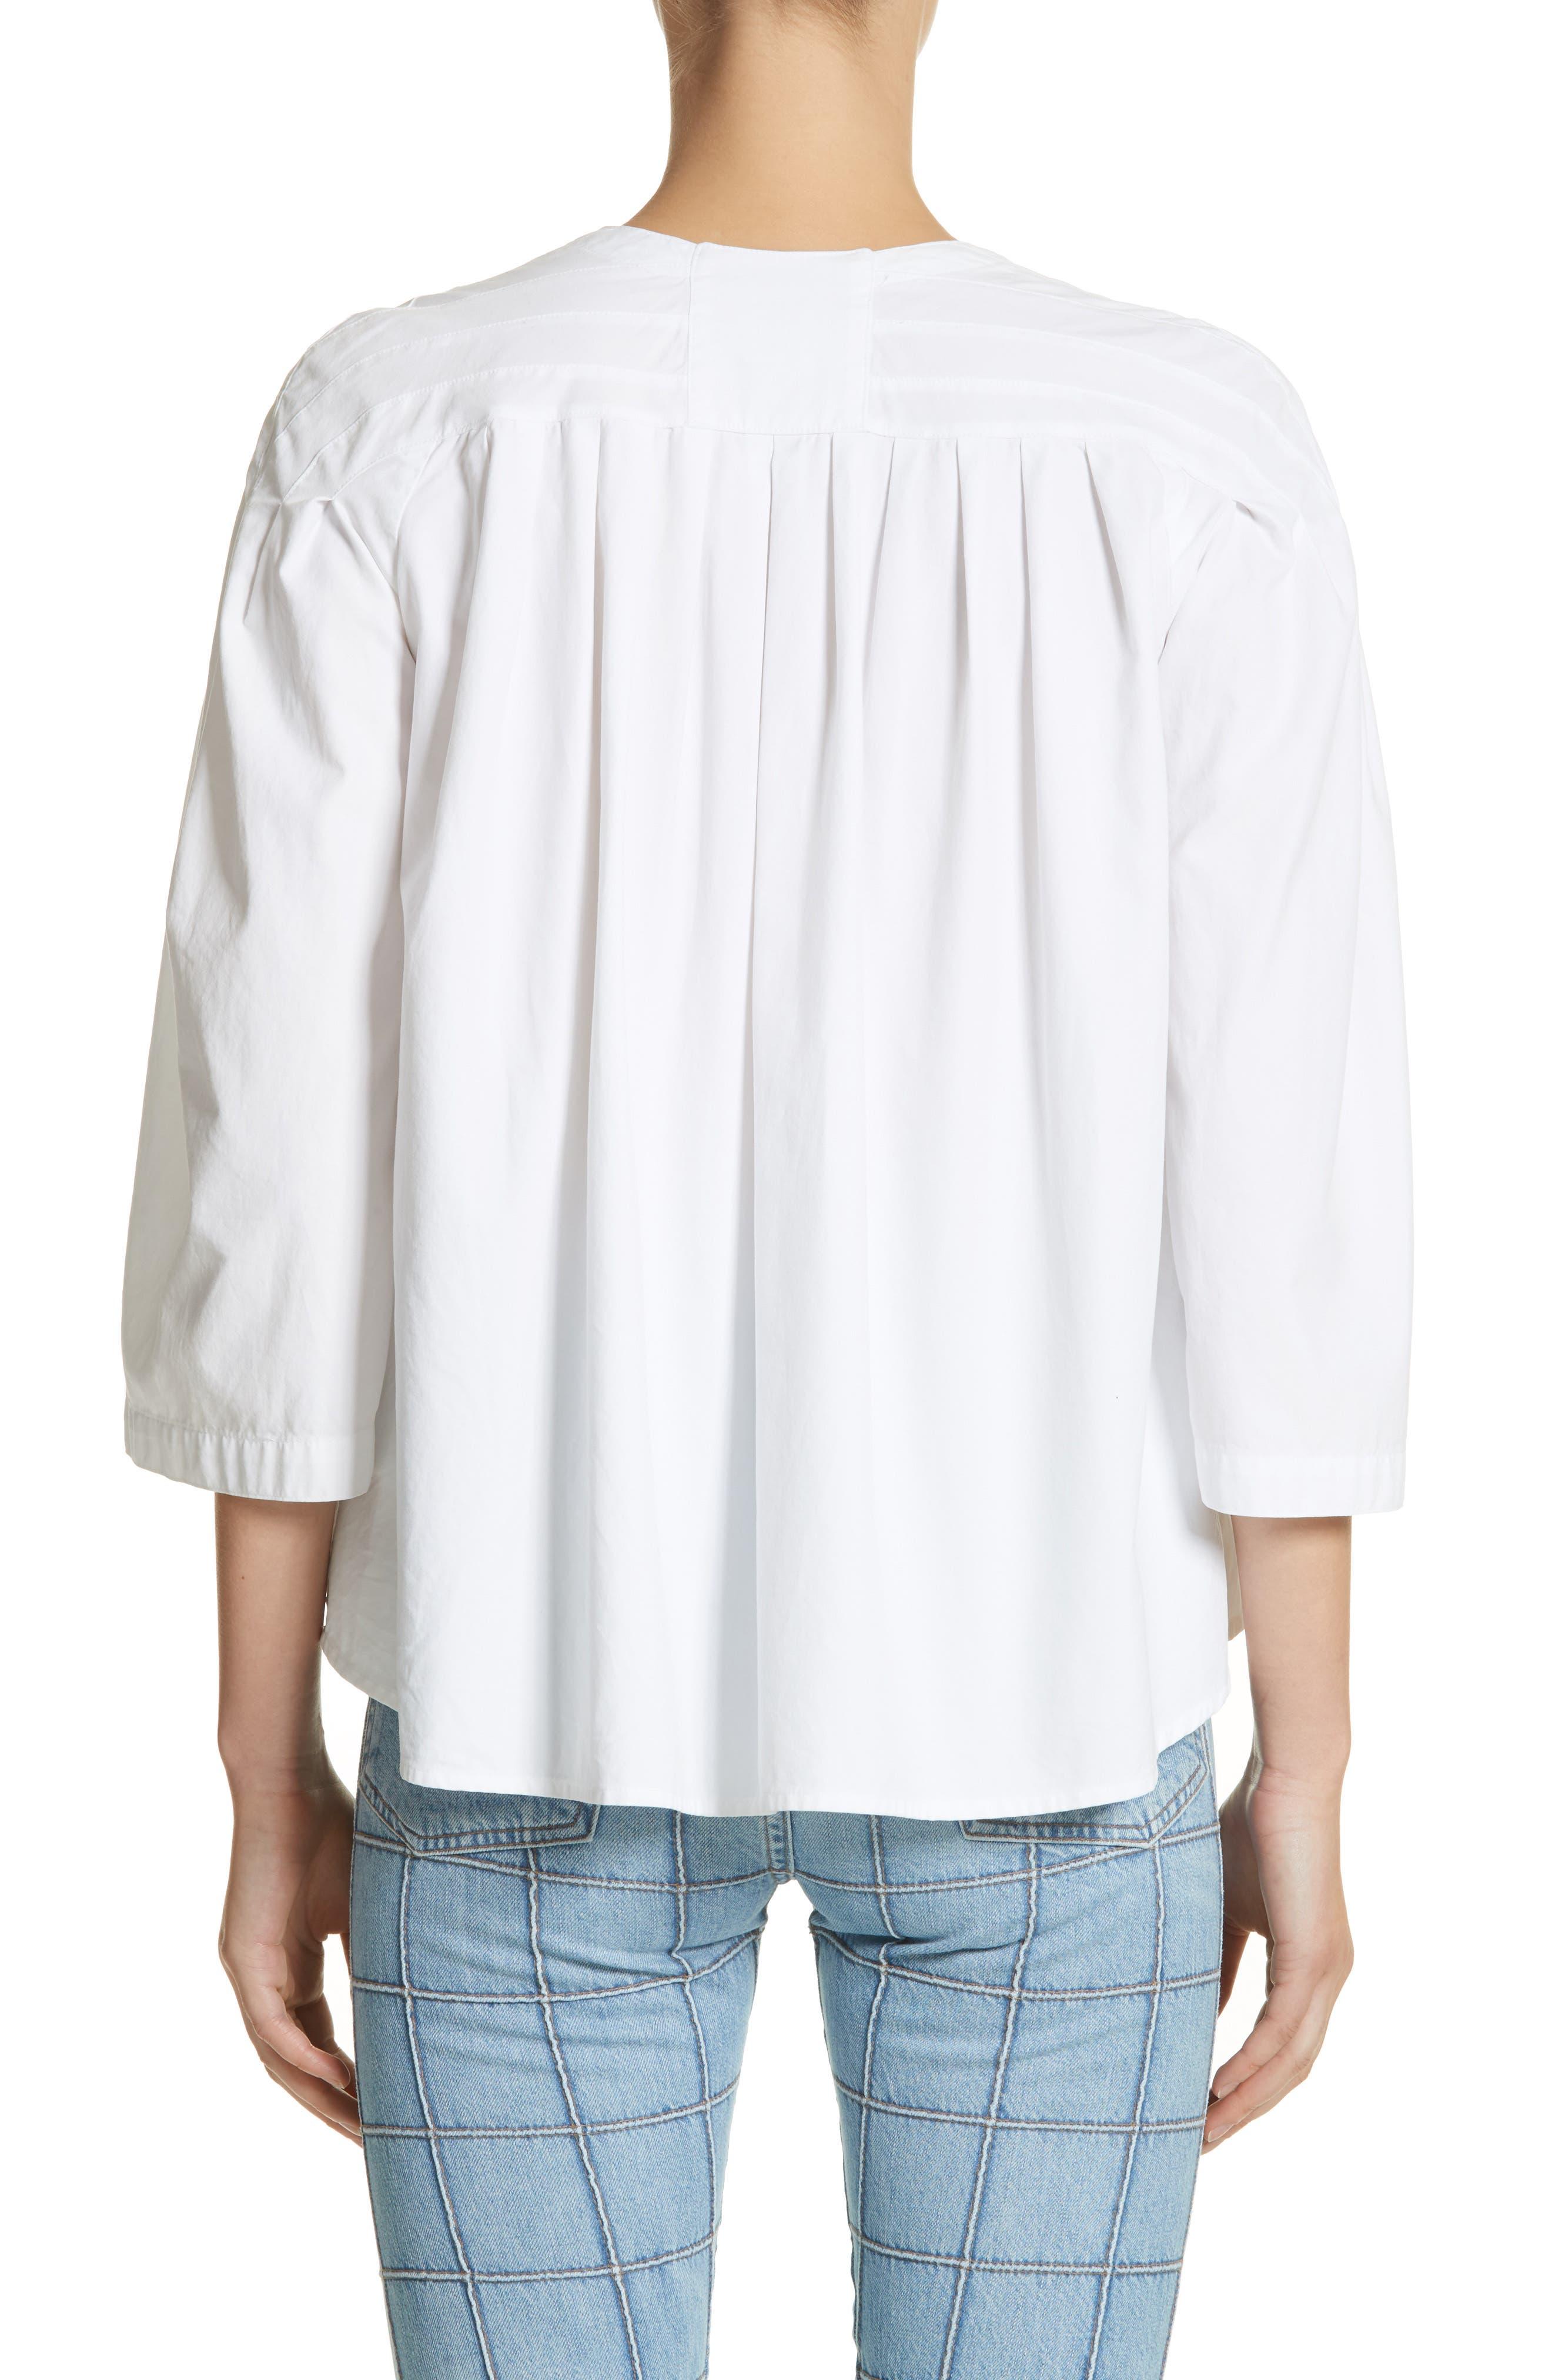 Ilona Lace-Up Cotton Top,                             Alternate thumbnail 2, color,                             White